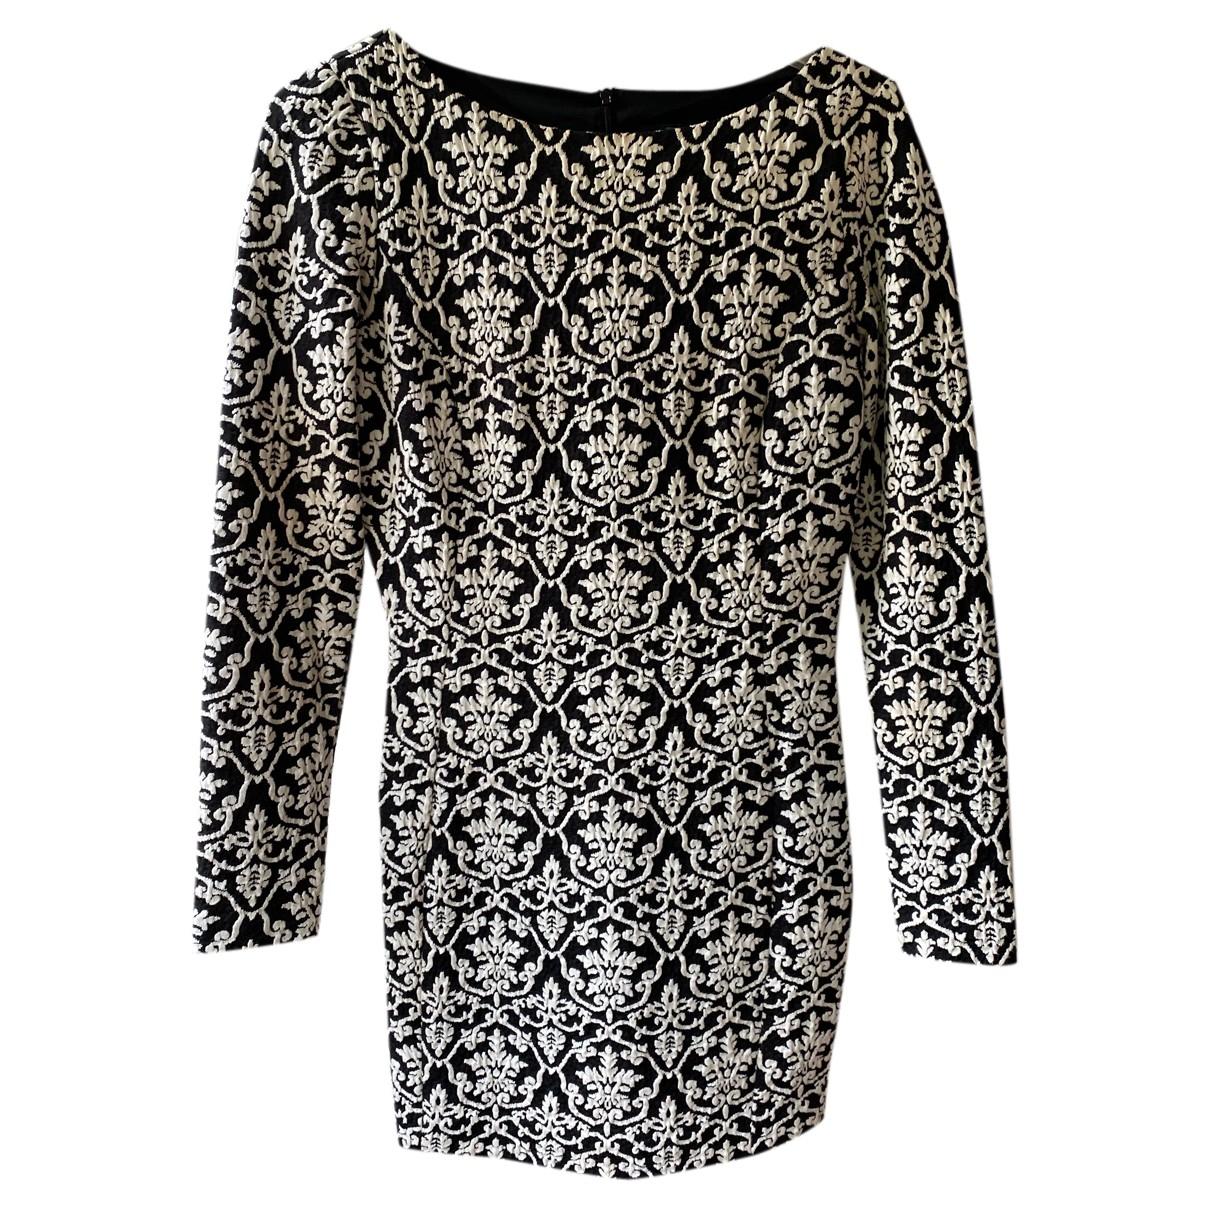 Armani Jeans \N Kleid in  Schwarz Baumwolle - Elasthan